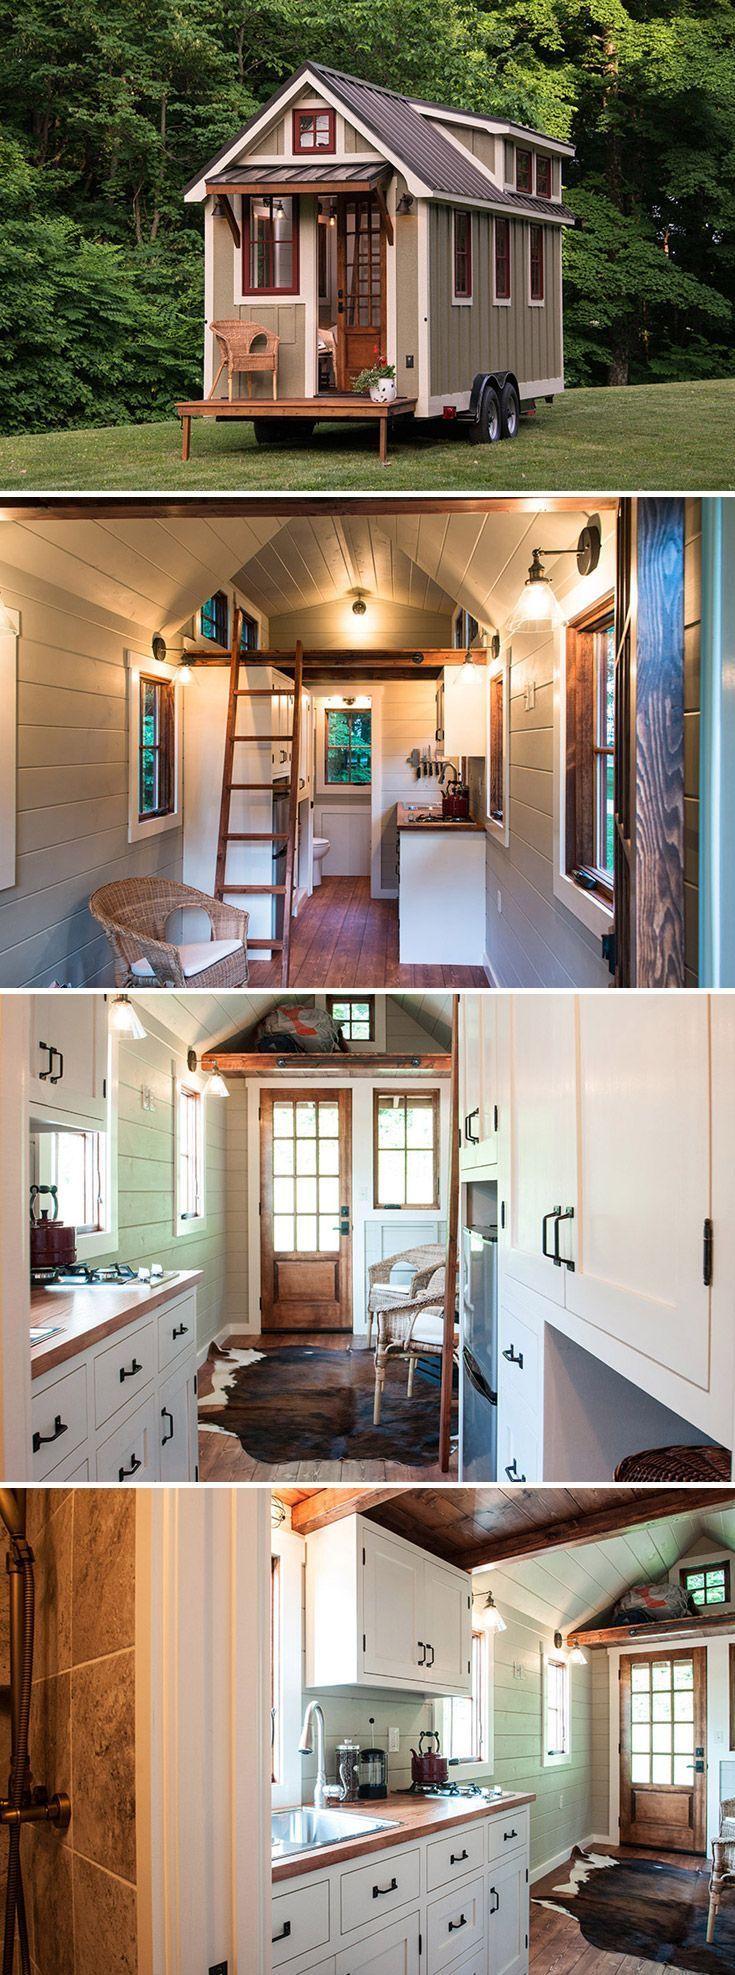 Ein 150 Quadratfuß winziges Haus auf Rädern mit oberen Schränken und einem großen ...  #einem #oberen #quadratfu #radern #schranken #winziges #tinyhome